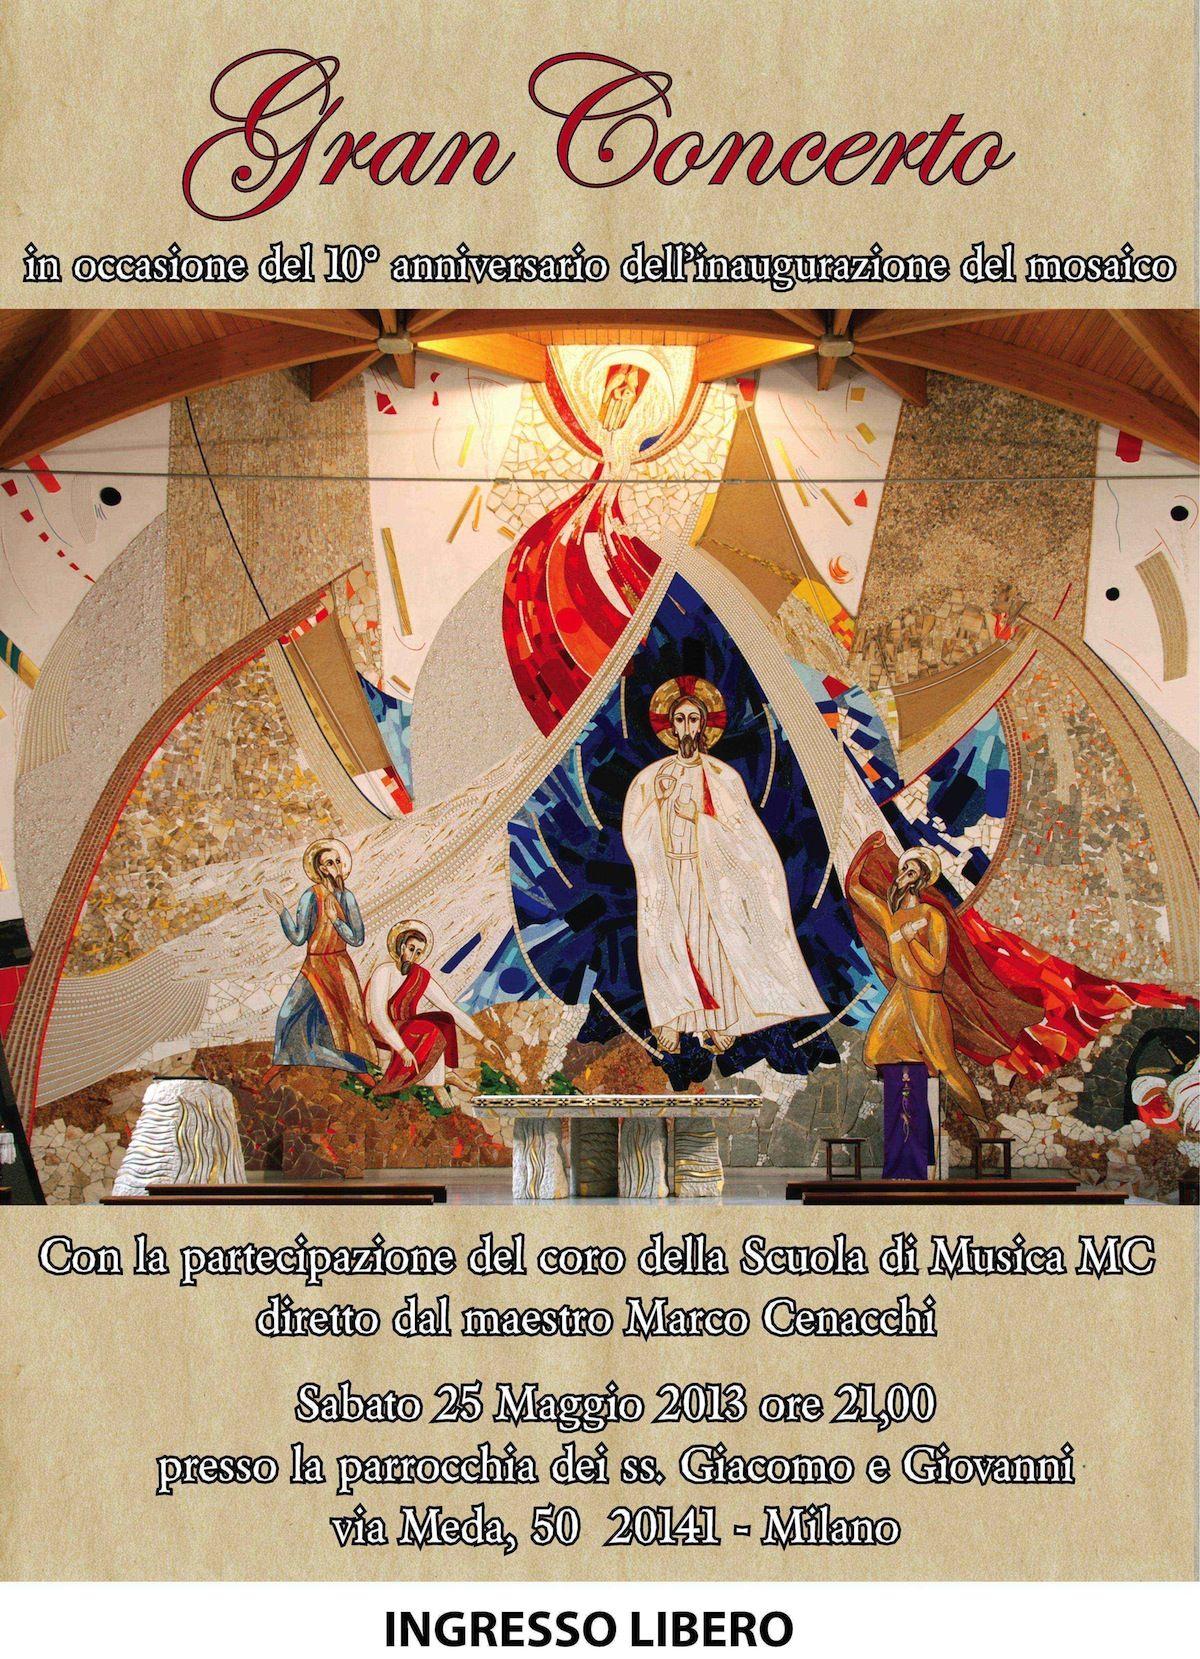 Anniversario-mosaico-maggio-2013